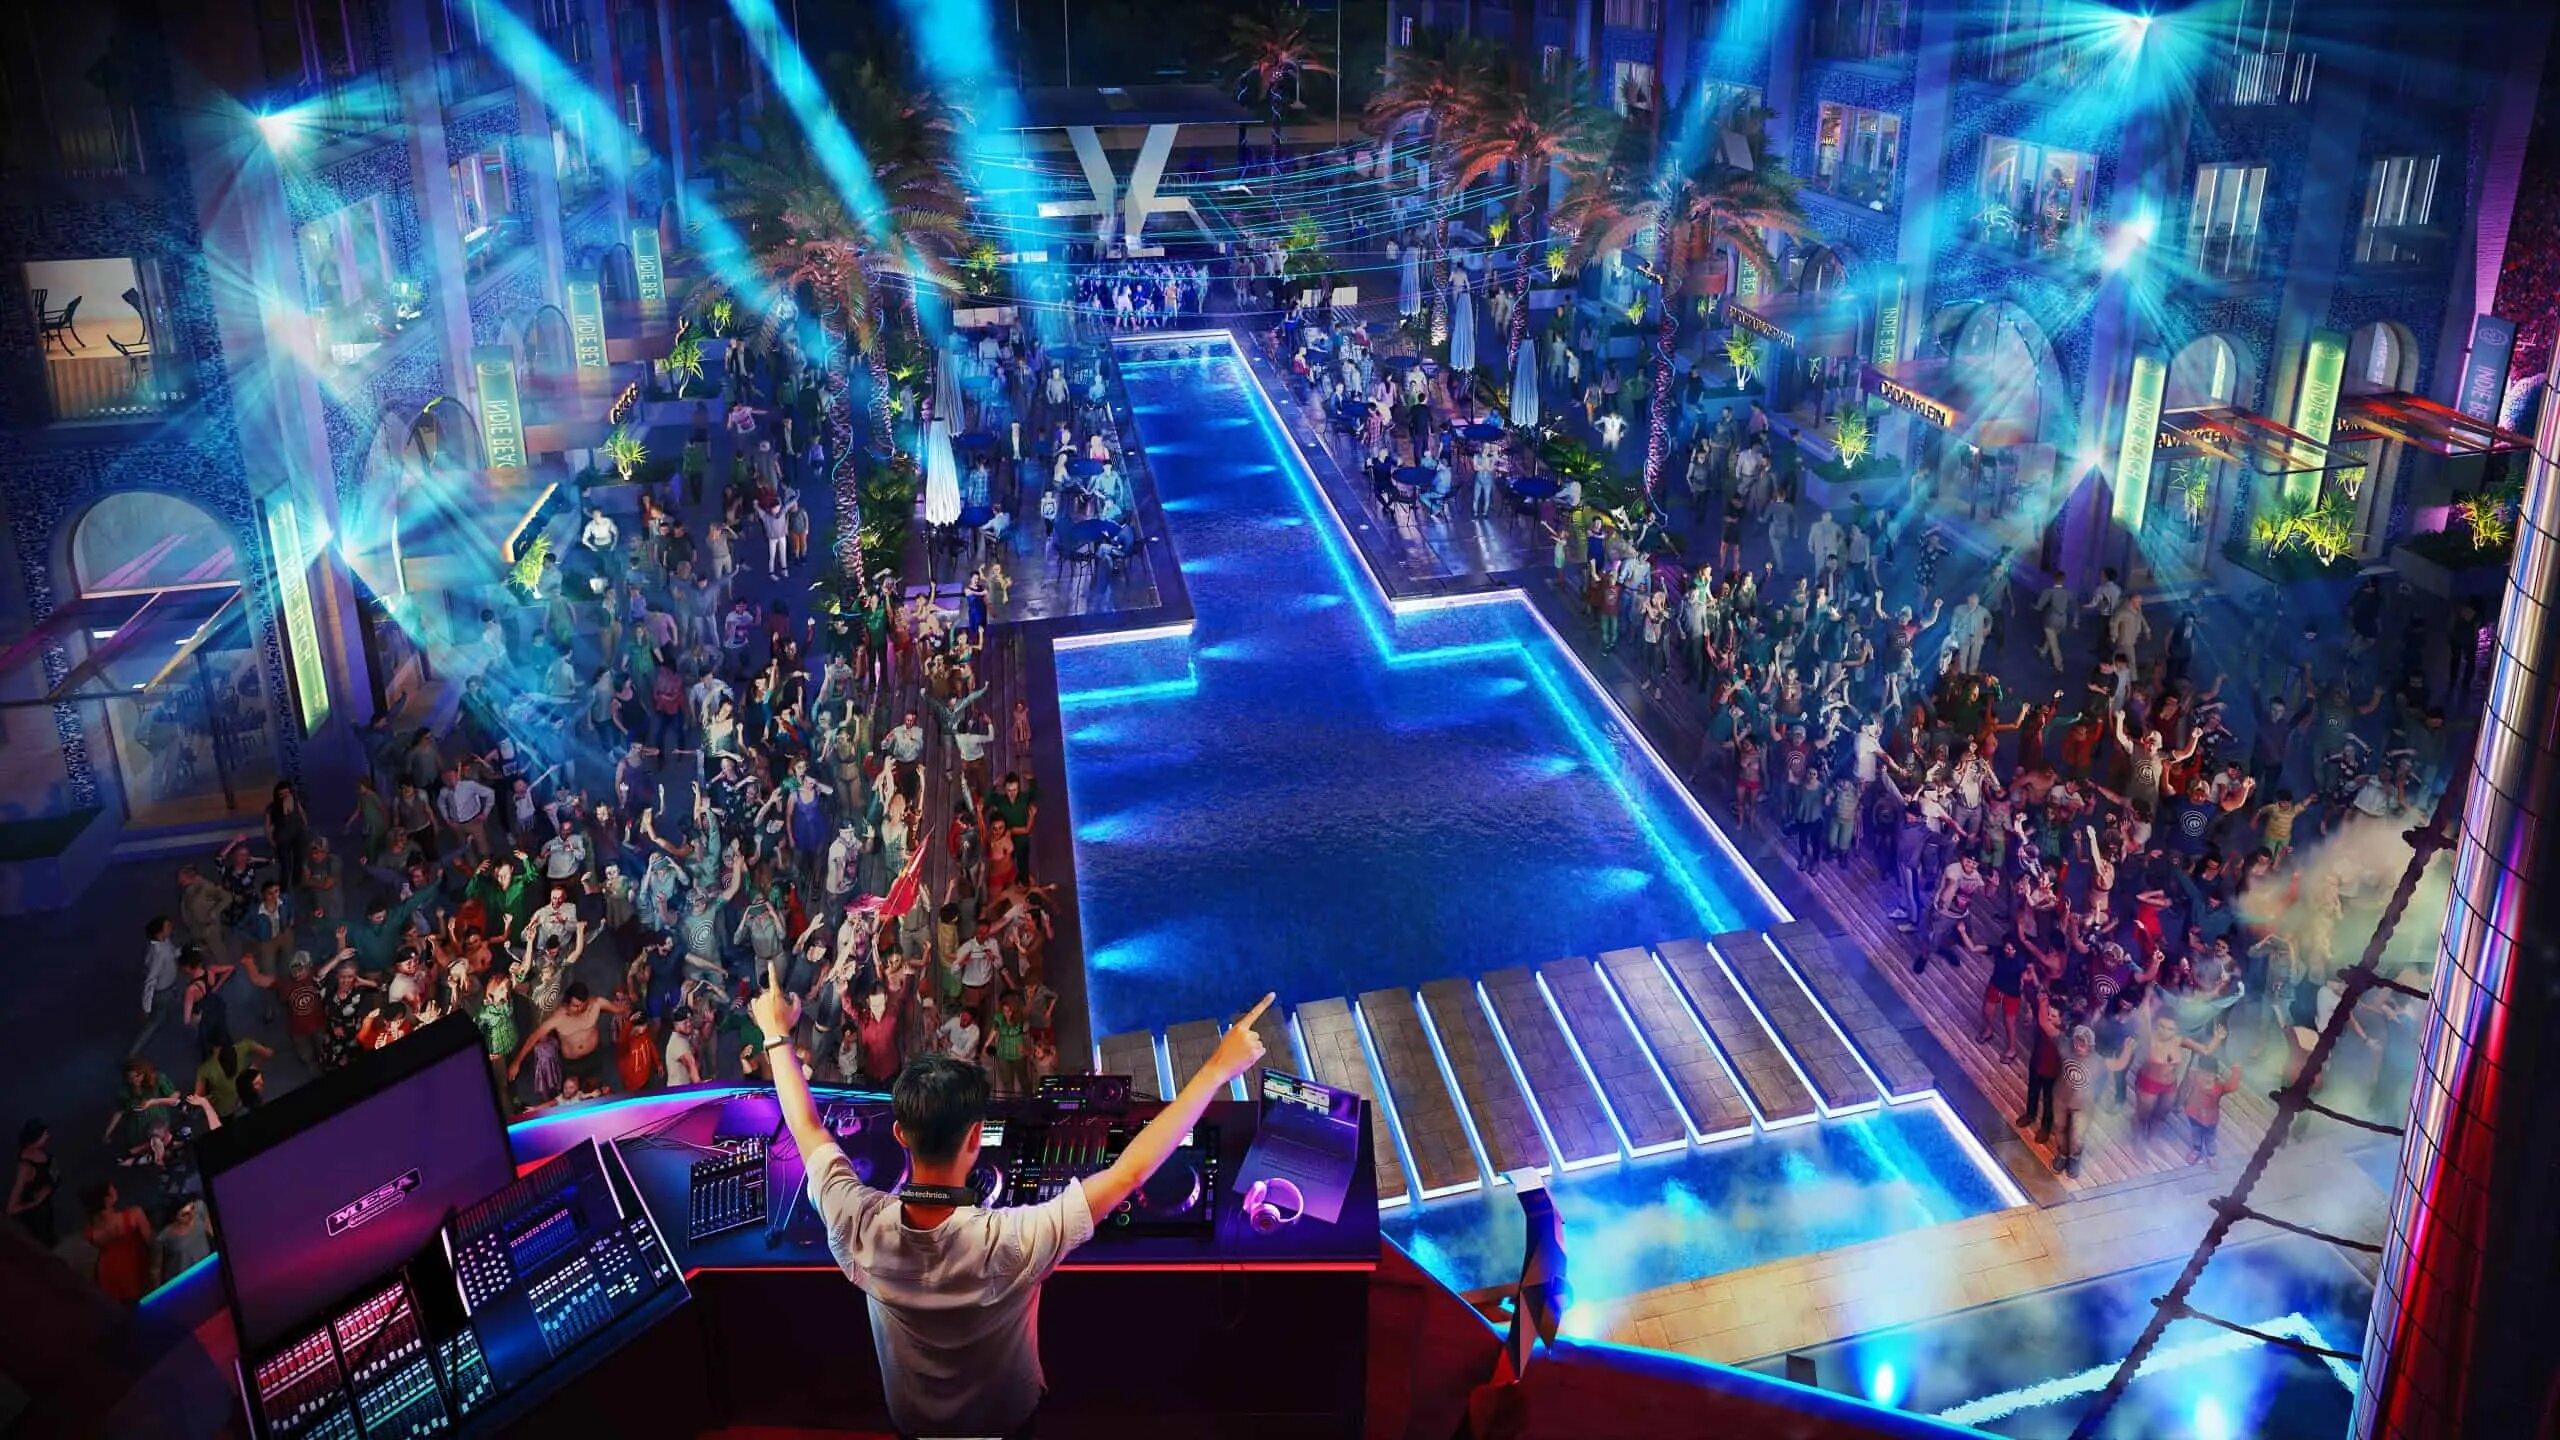 Lễ hội festival tại đại lộ danh vọng phân khu Europe Vega City Bãi Tiên Nha Trang